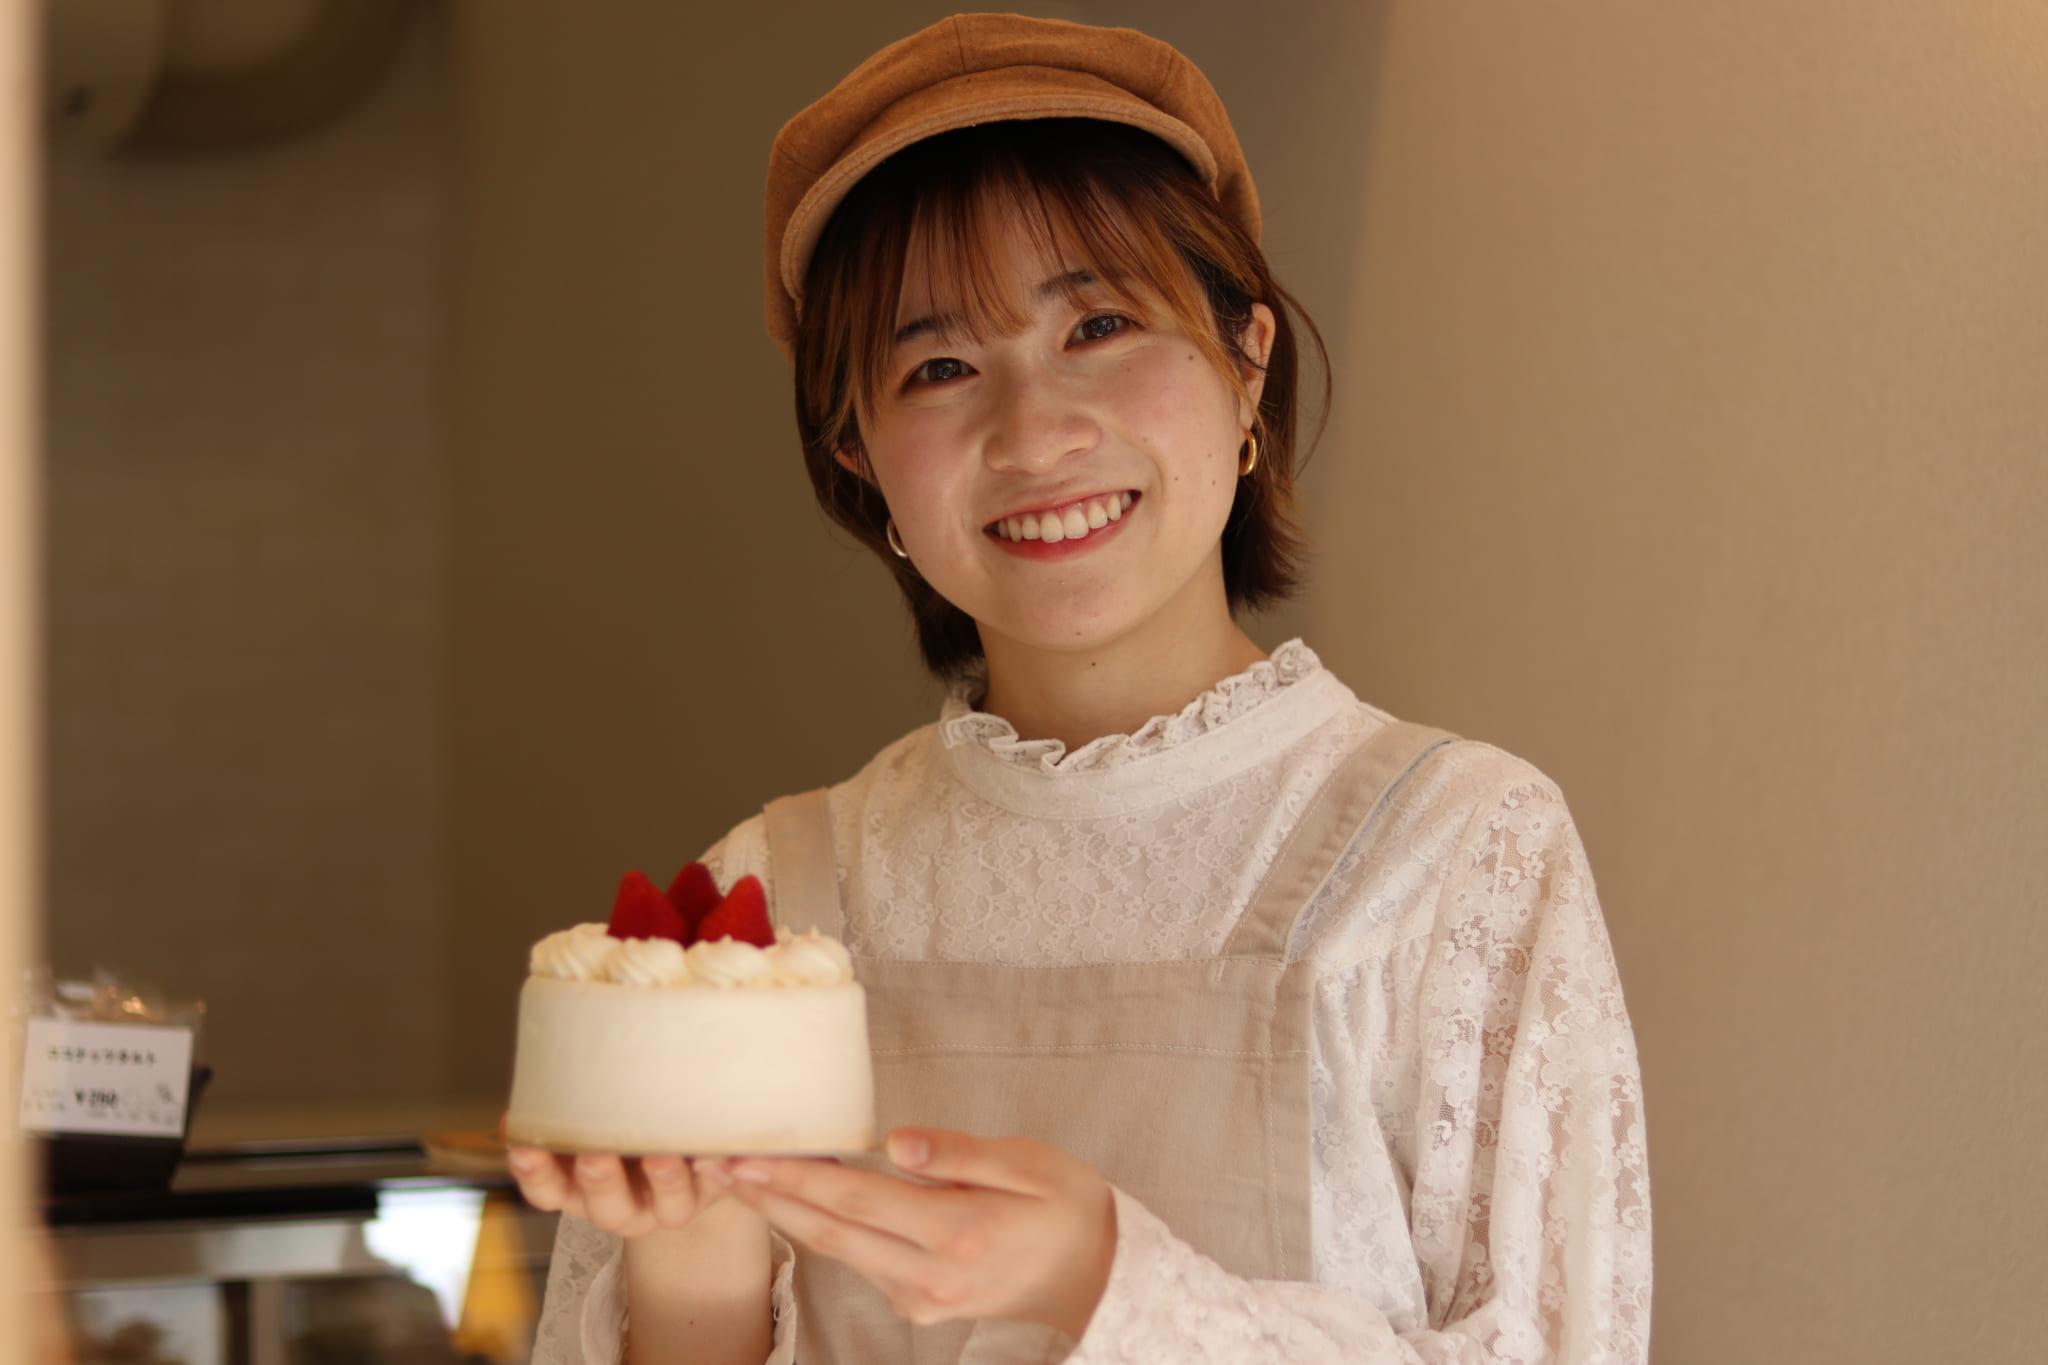 産学連携プロジェクトケーキ店「cake to go(ケーキトゥーゴー)」がオープンしました。